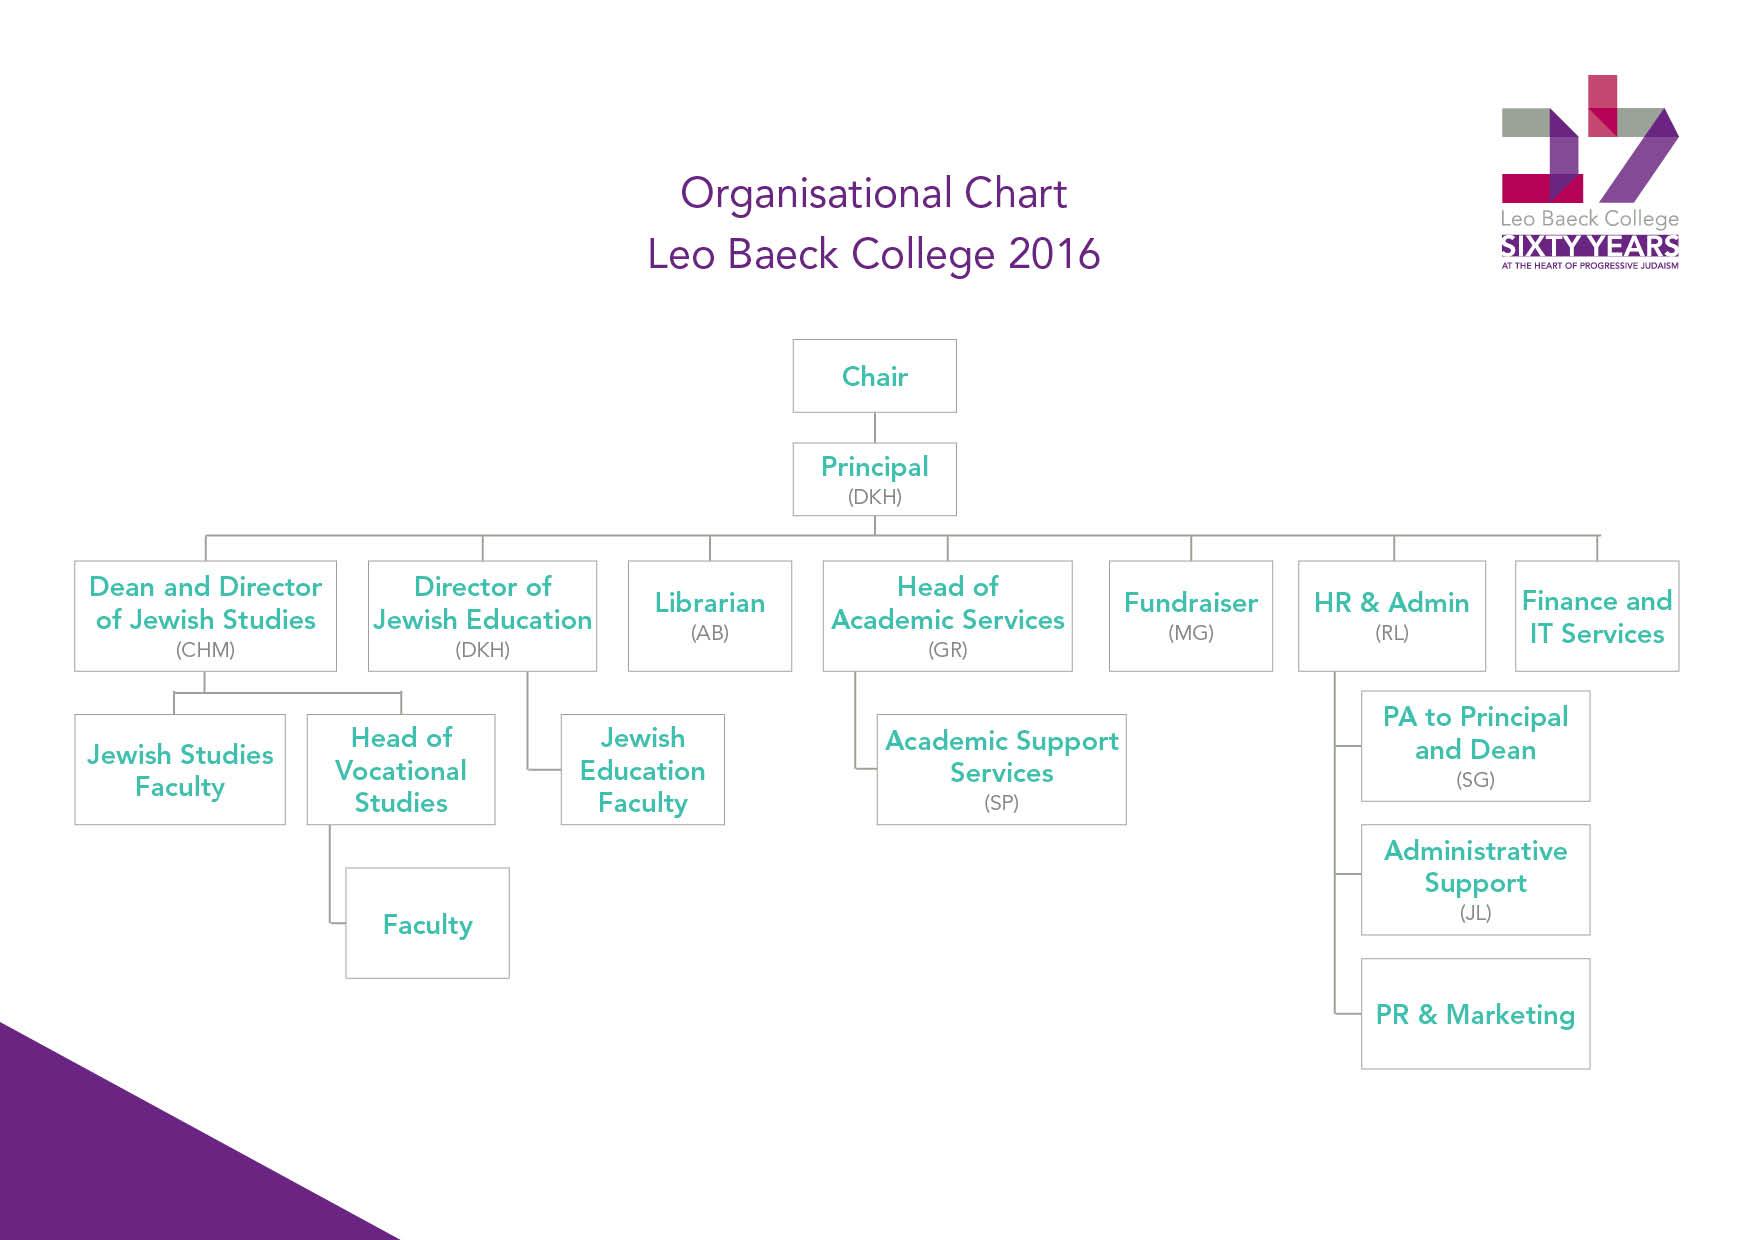 LBC Org Chart